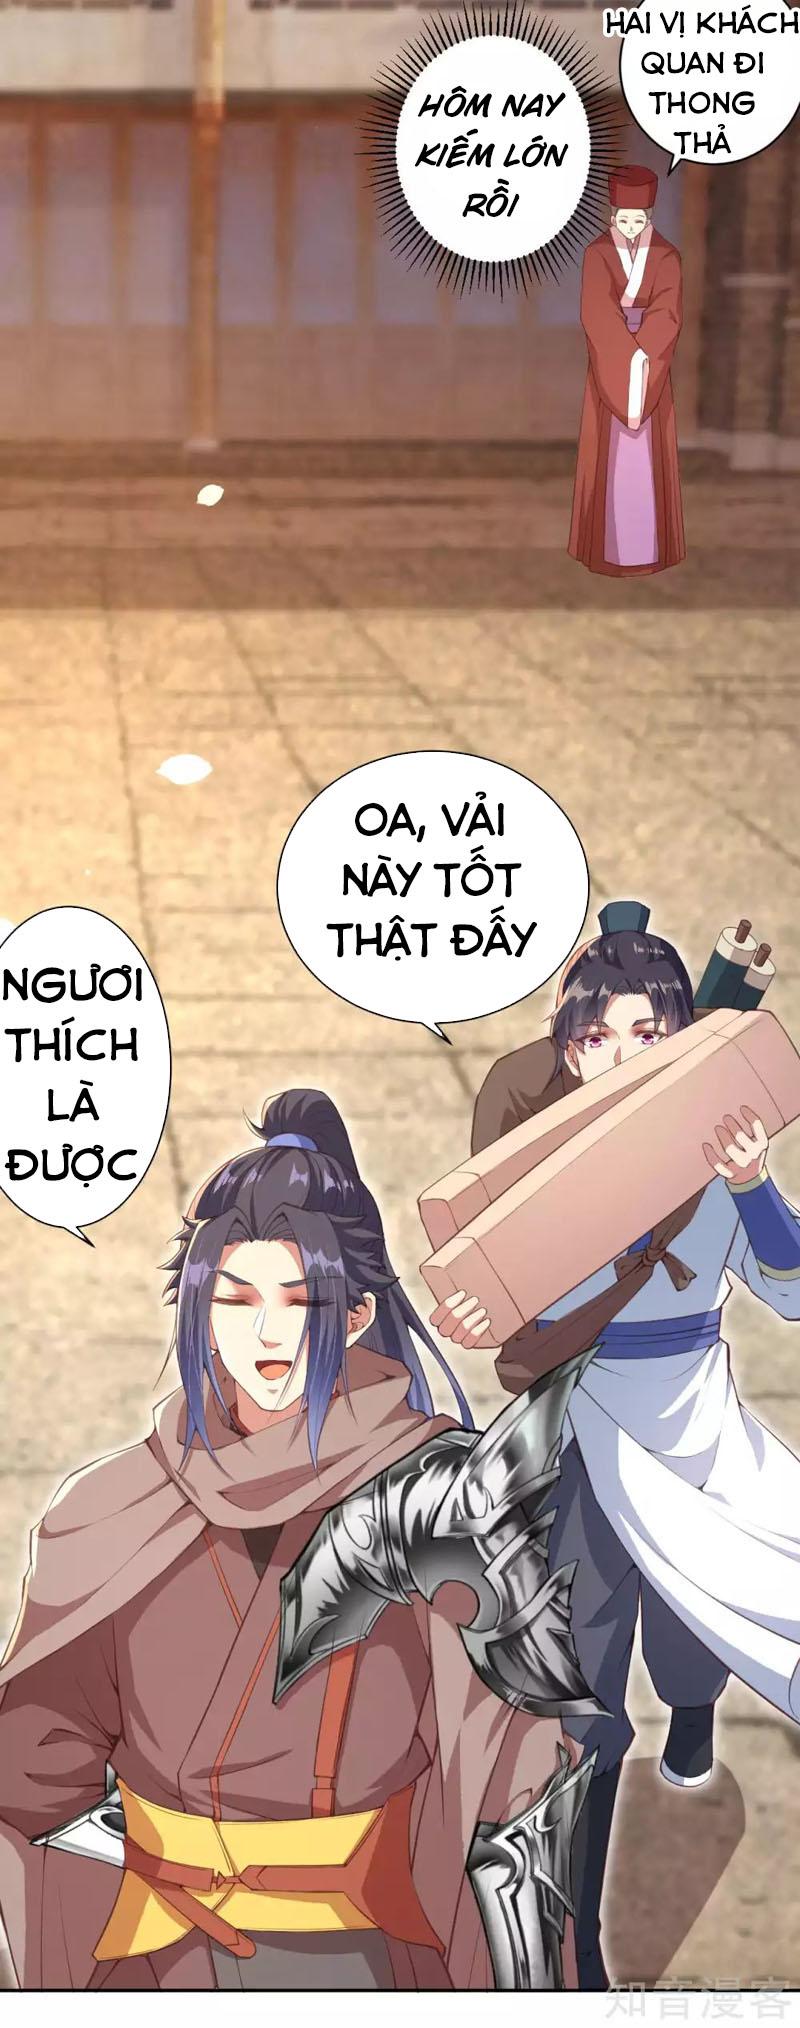 Nghịch Thiên Tà Thần Chương 330 - Truyentranhaudio.online